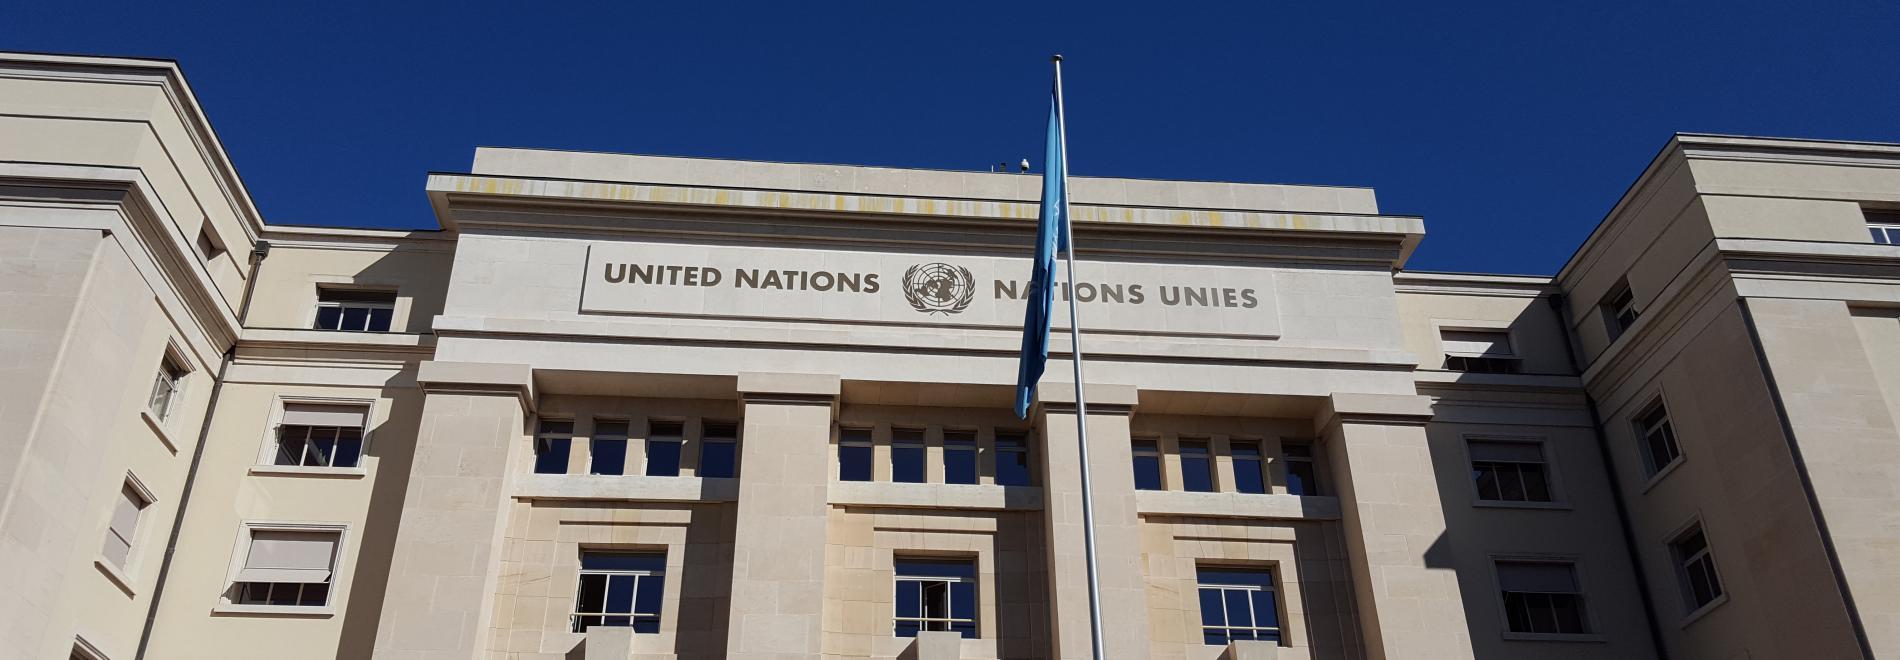 Der UN-Ausschuss für wirtschaftliche, soziale und kulturelle Rechte in Genf überwacht die Einhaltung des Internationalen Paktes über wirtschaftliche, soziale und kulturelle Rechte. Foto: Ärzte der Welt